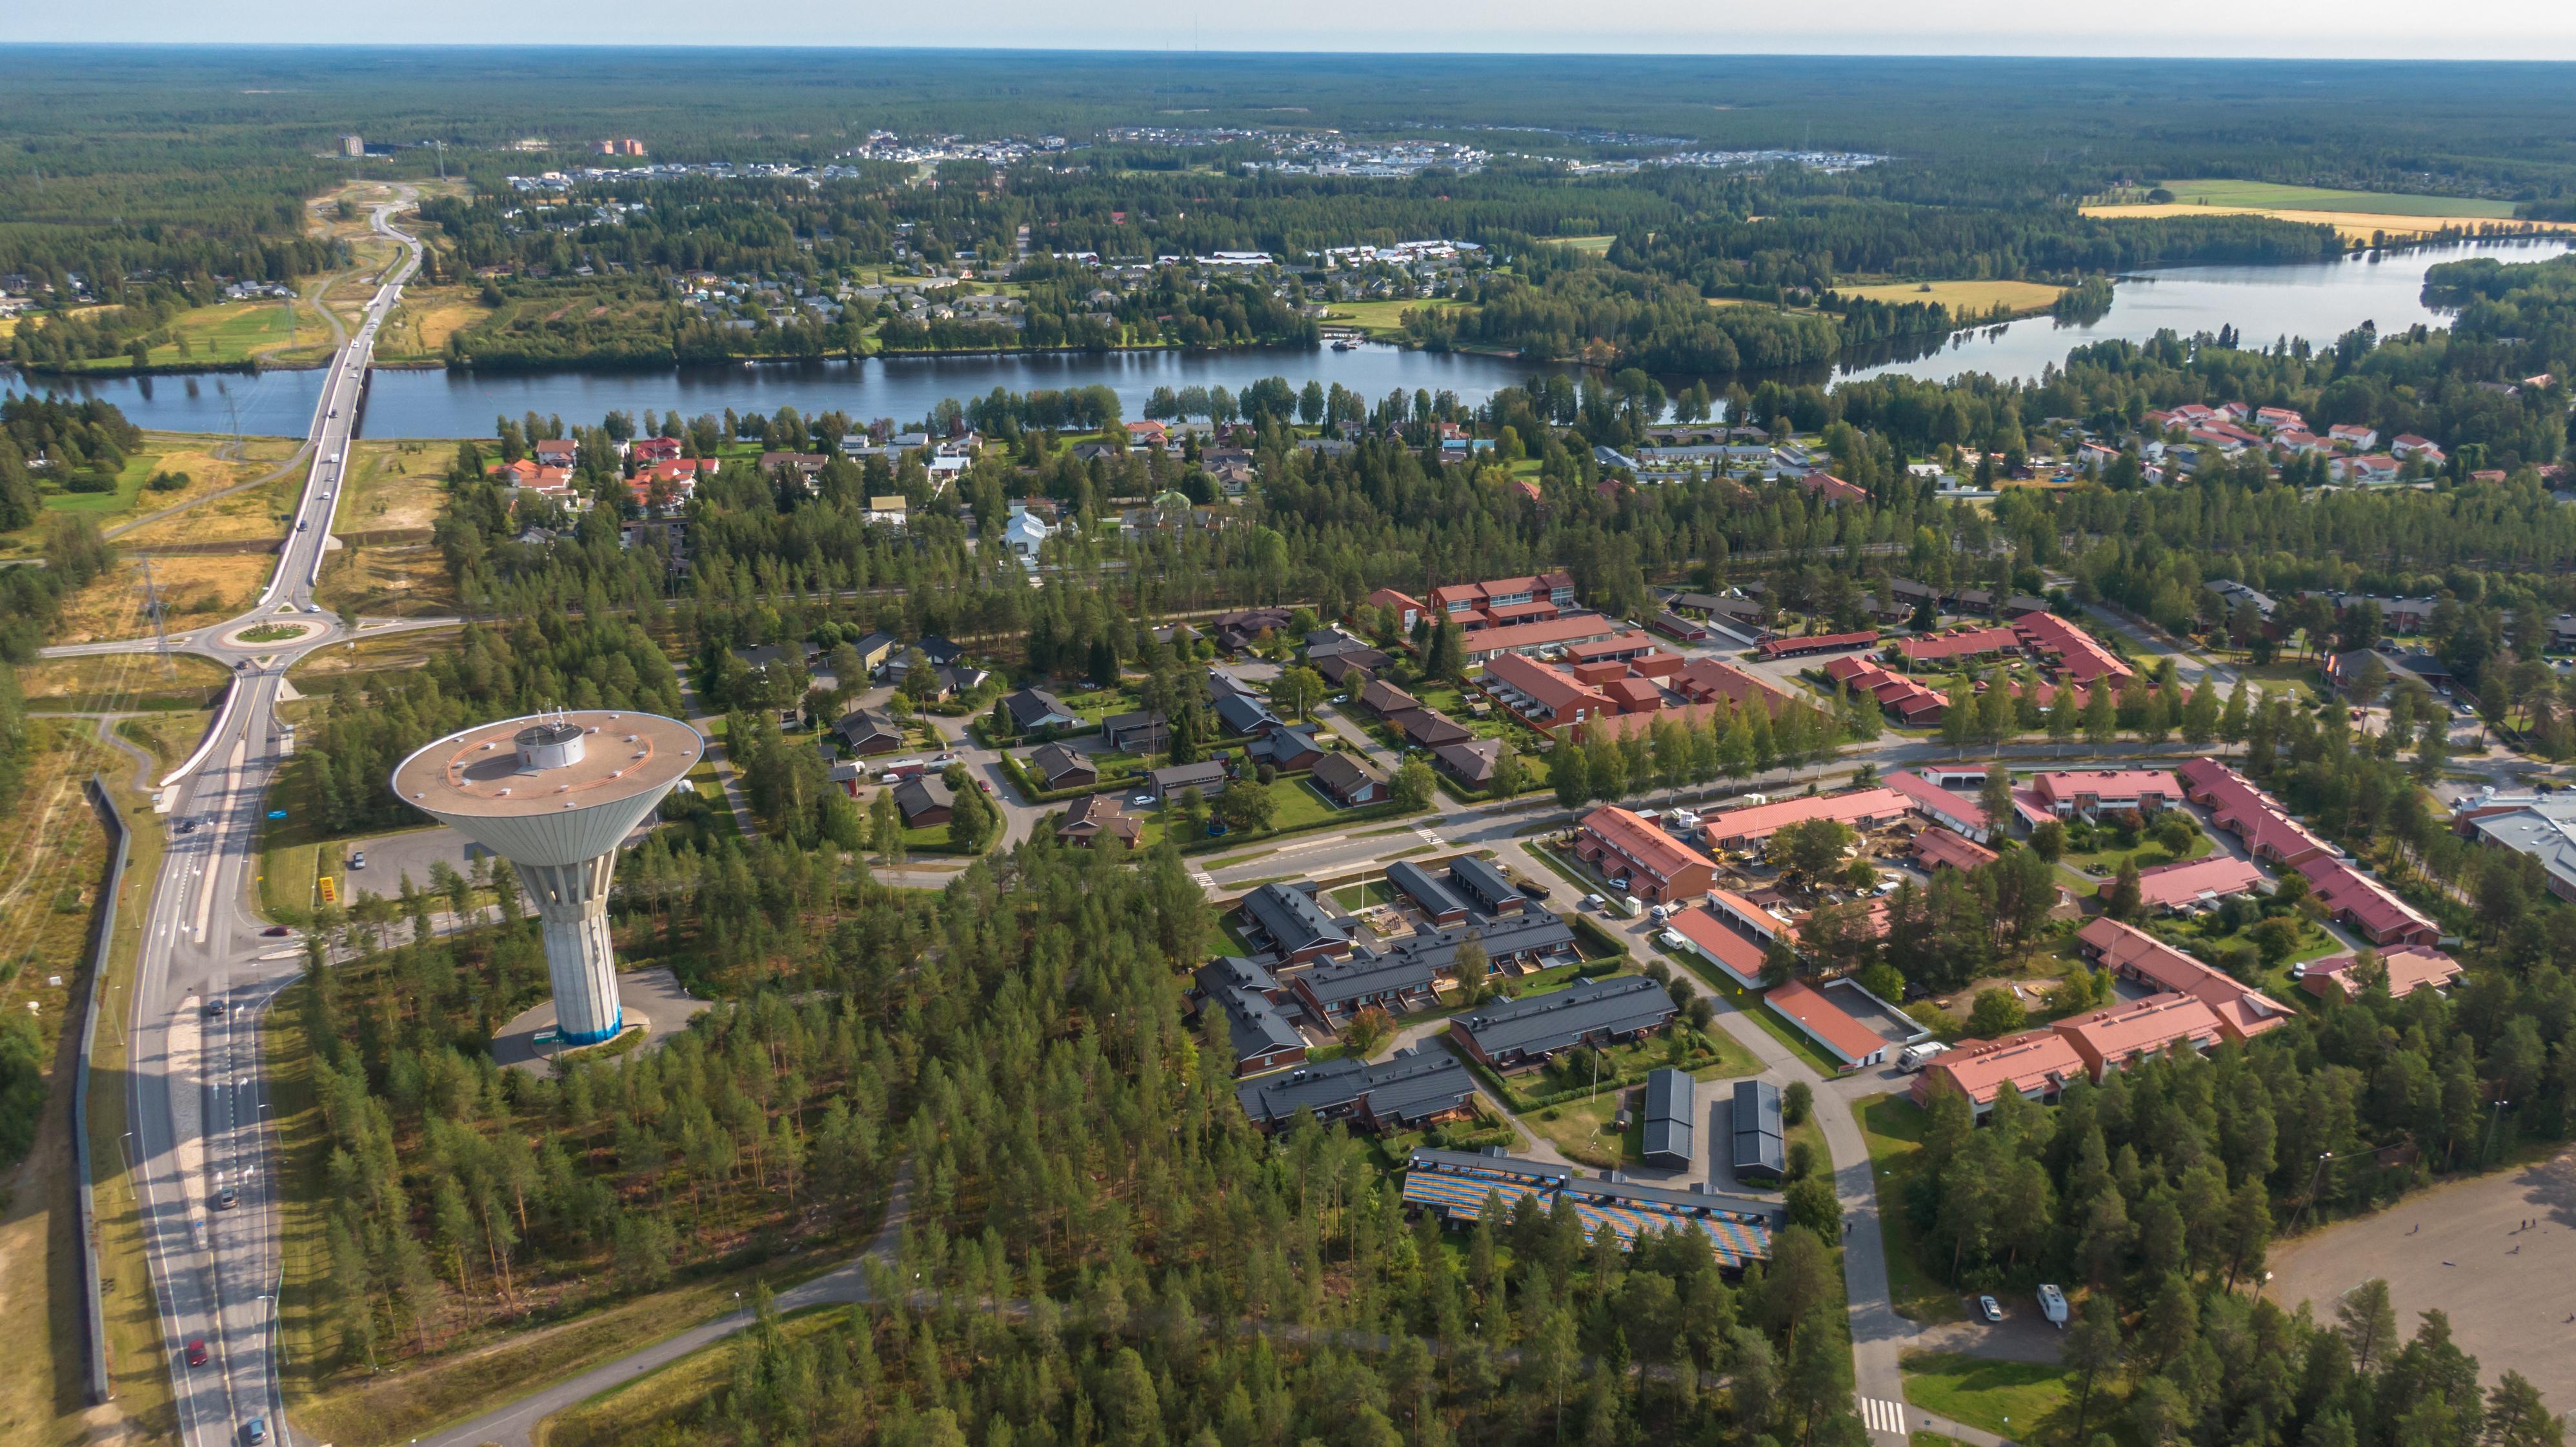 Kesällä ilmasta otettu kuva Knuutilankankaalta Oulusta. Vasemmassa reunassa alueen tunnettu maamerkki eli vesitorni. Metsää ja runsaasti punakattoisia taloja.